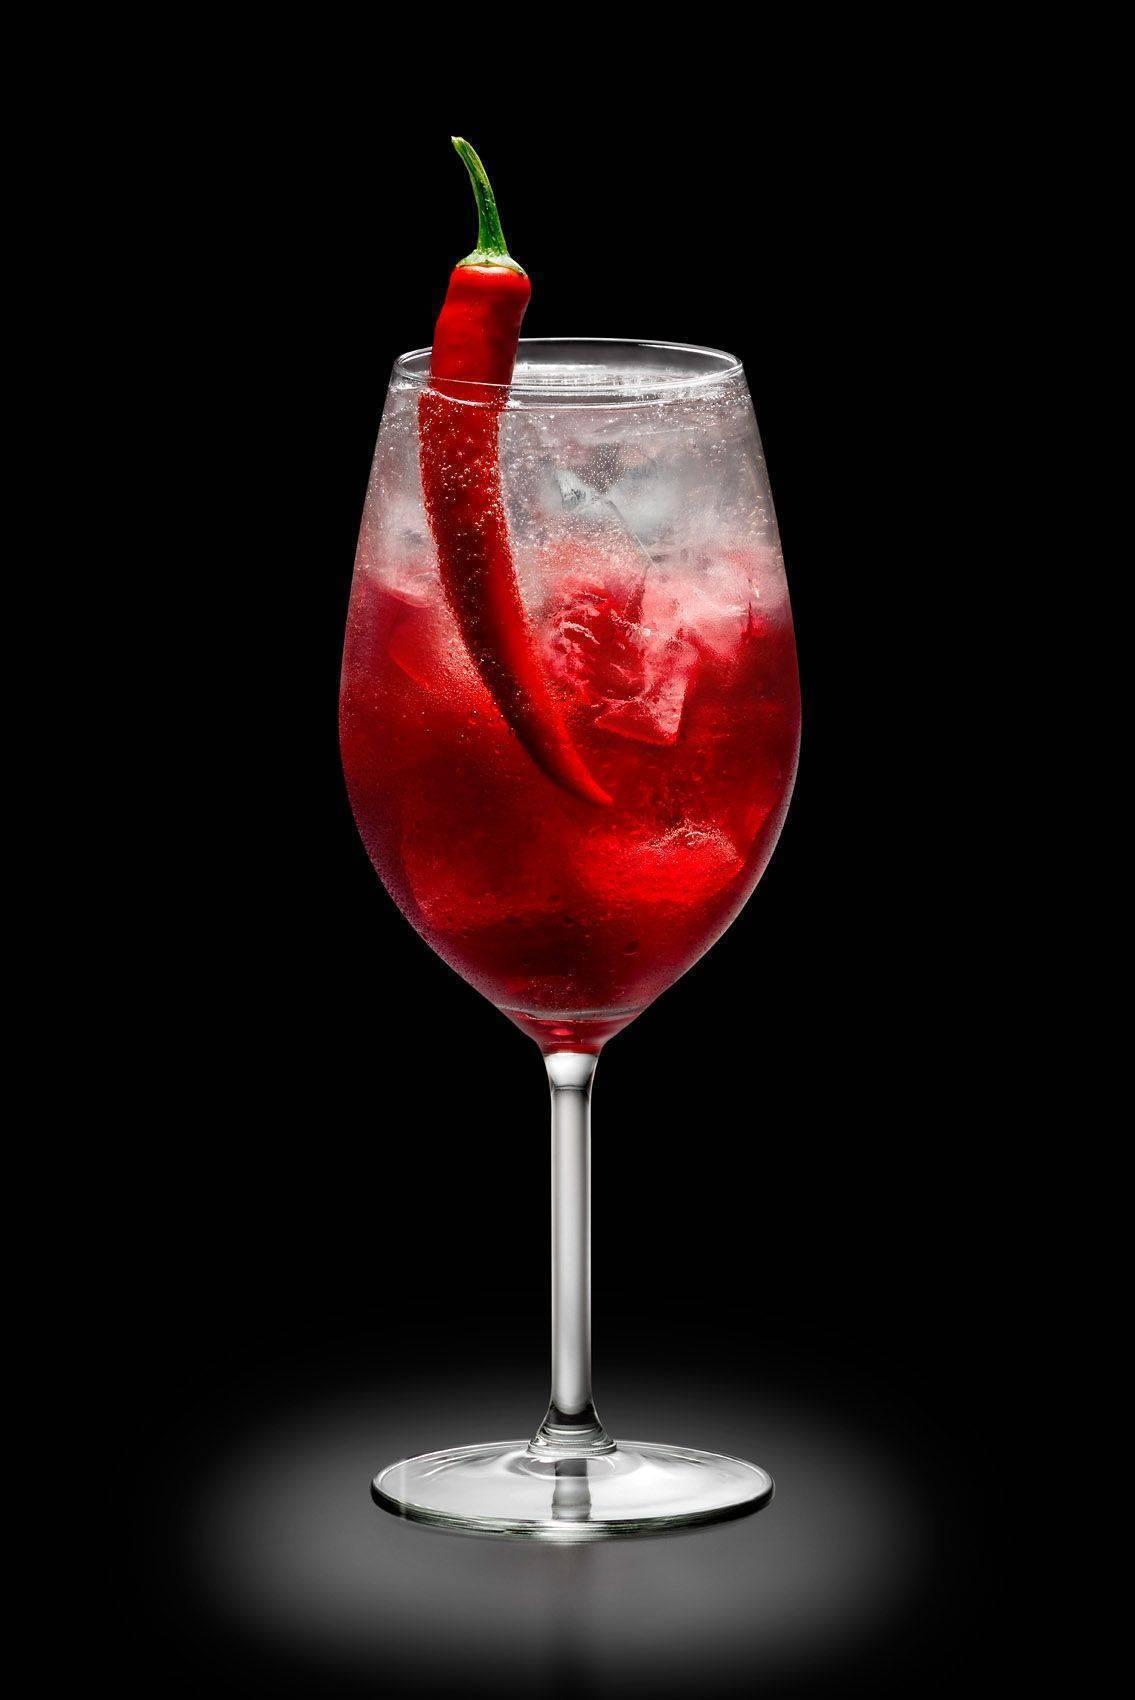 Коктейли с вином красным и белым: рецепты - рецепты